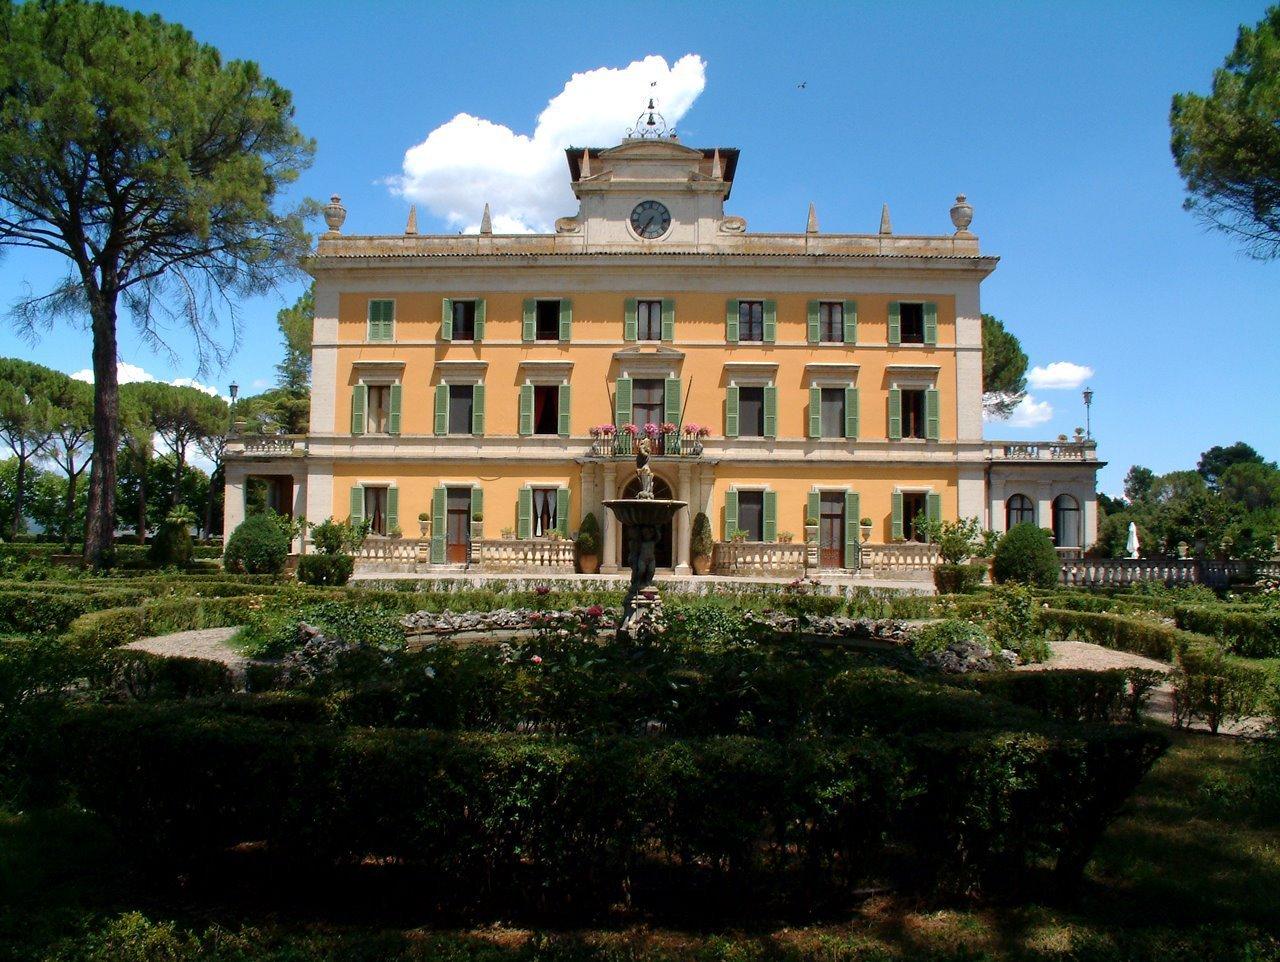 Villa in vendita a Perugia, 28 locali, prezzo € 9.000.000 | CambioCasa.it